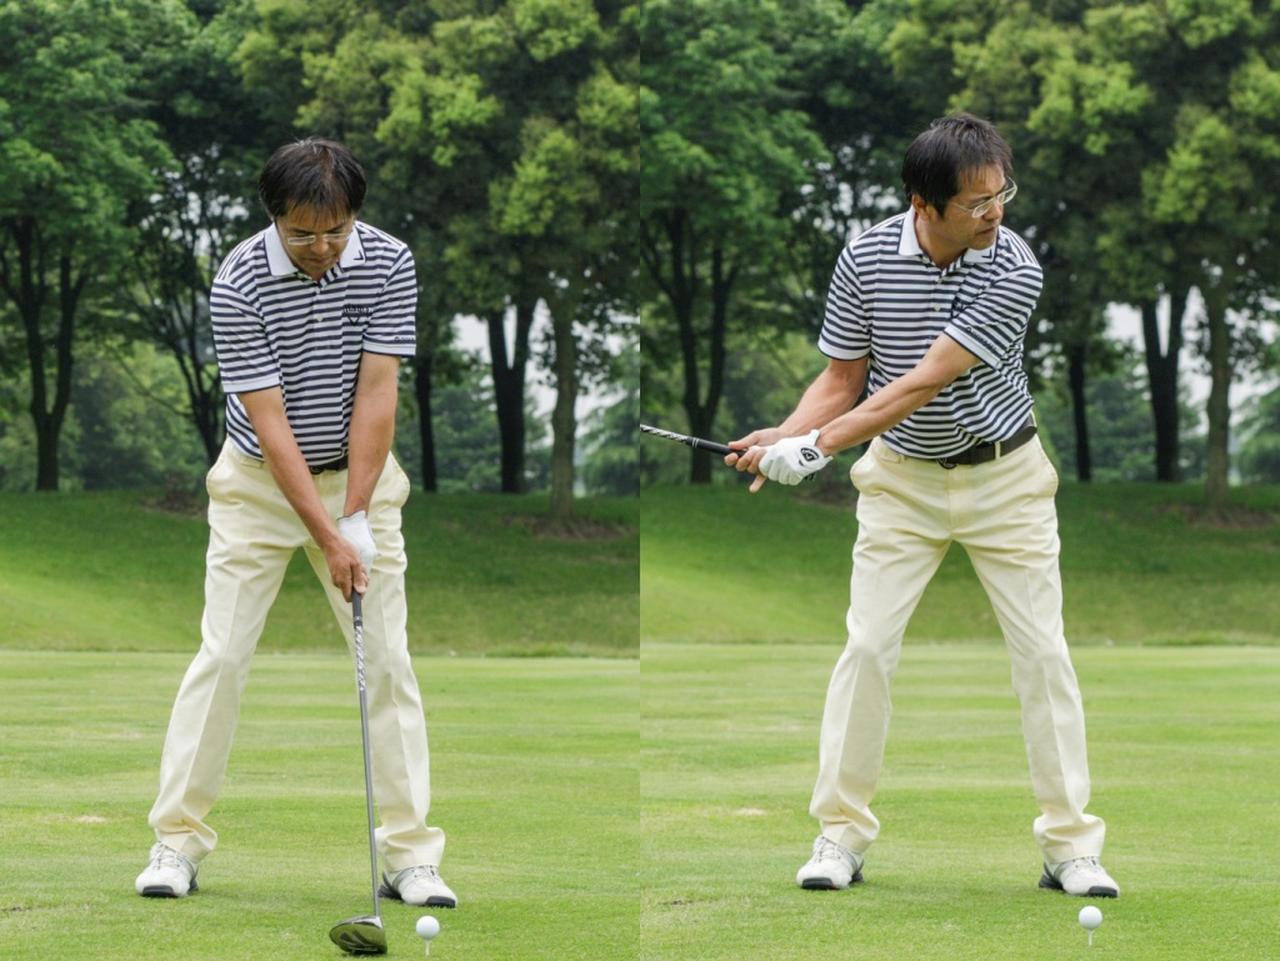 画像: アドレスのコツは「動いている」こと。スッと動ける構え方のコツ【これでいいの? これだけで飛ぶの?vol.1】 - みんなのゴルフダイジェスト